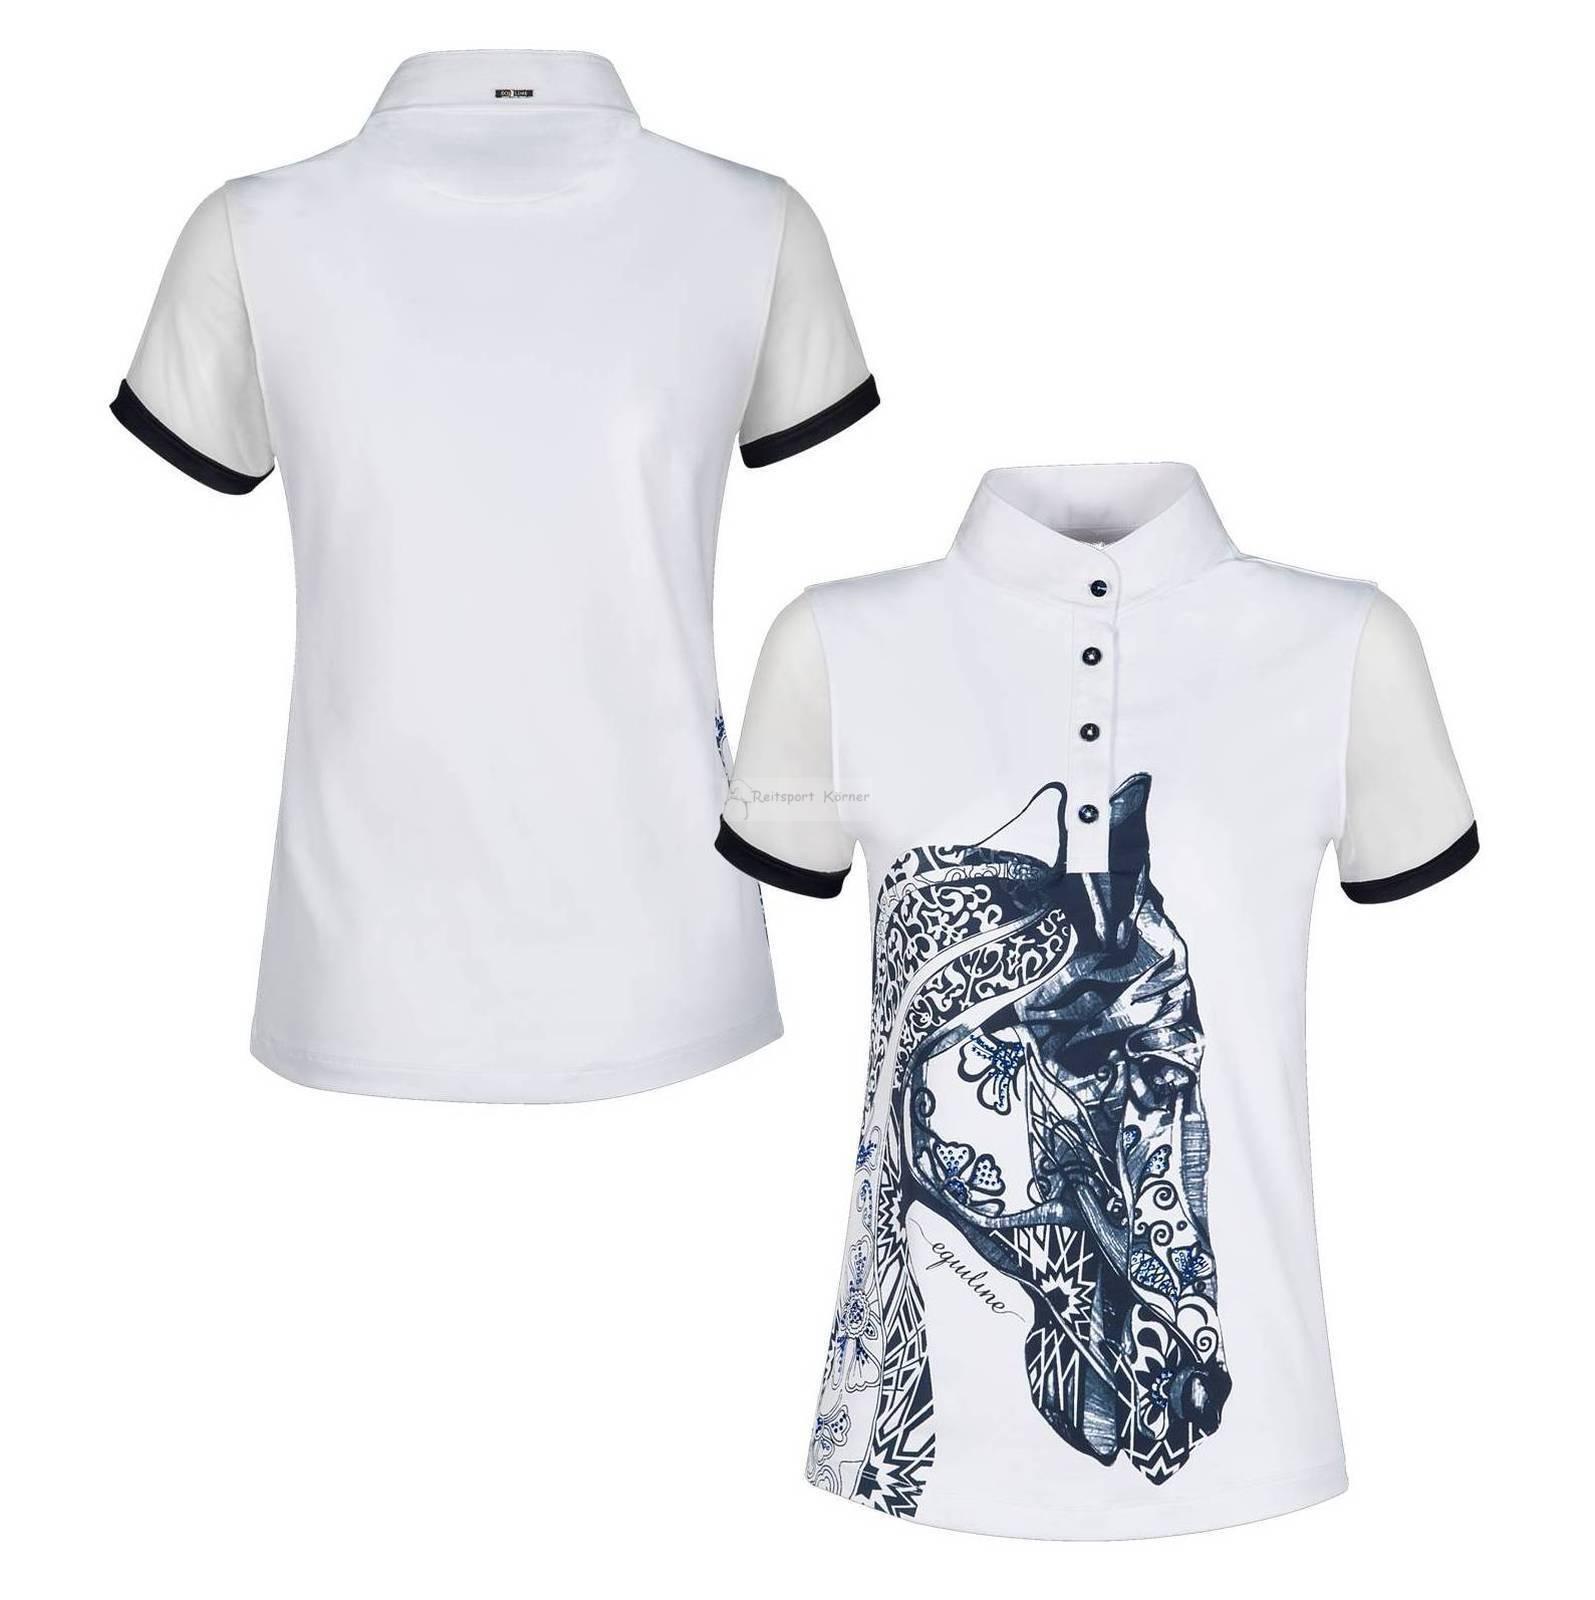 Equiline Poloshirt   AGATE   Shirt mit Pferdekopf und Strasssteinen